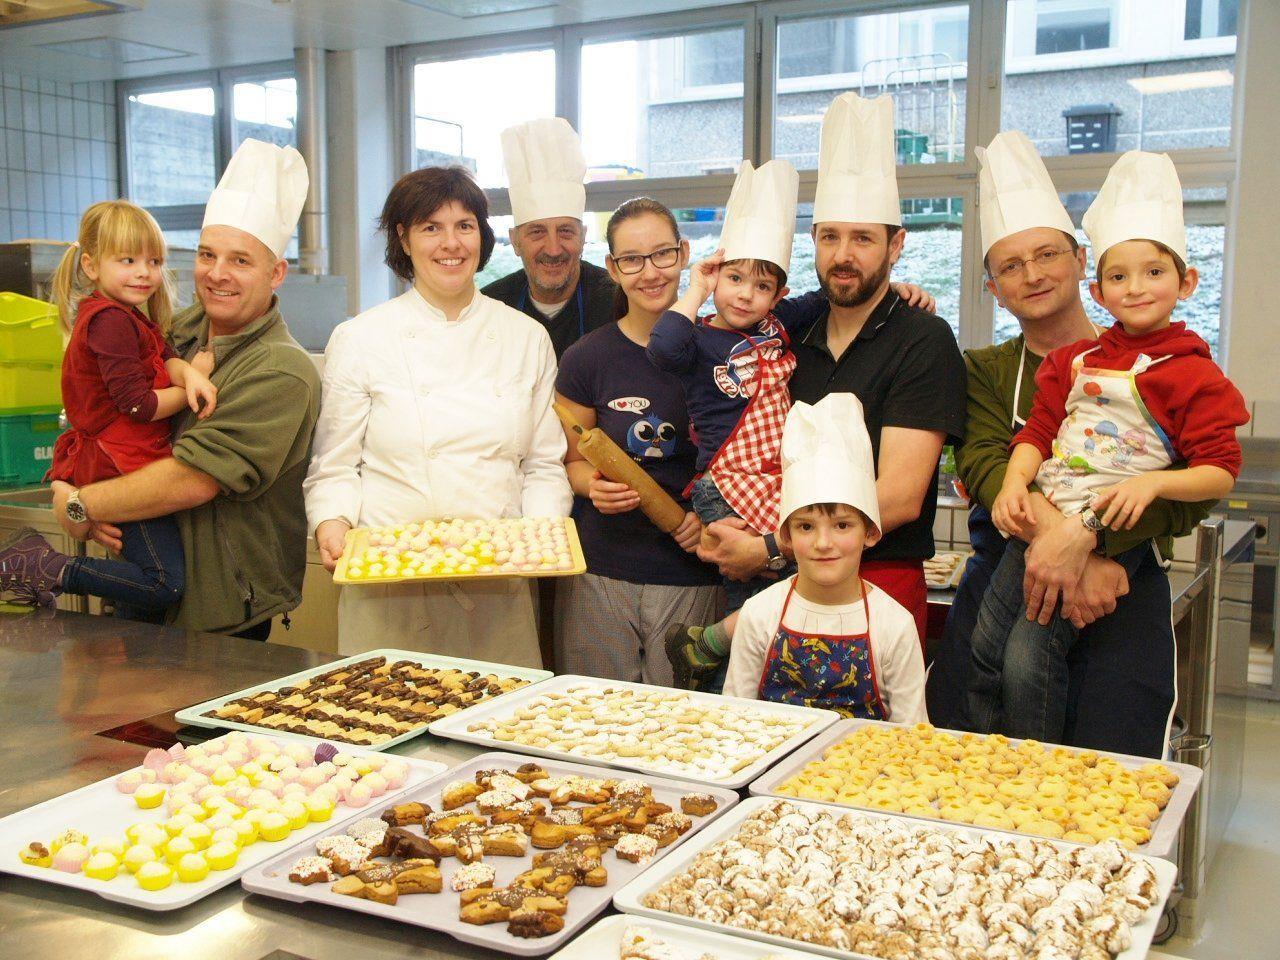 Diplompädagogin Simone Fink und Mitorganisator Karl Stürz mit einigen Teilnehmern beim Keksebacken in der HLW Rankweil.